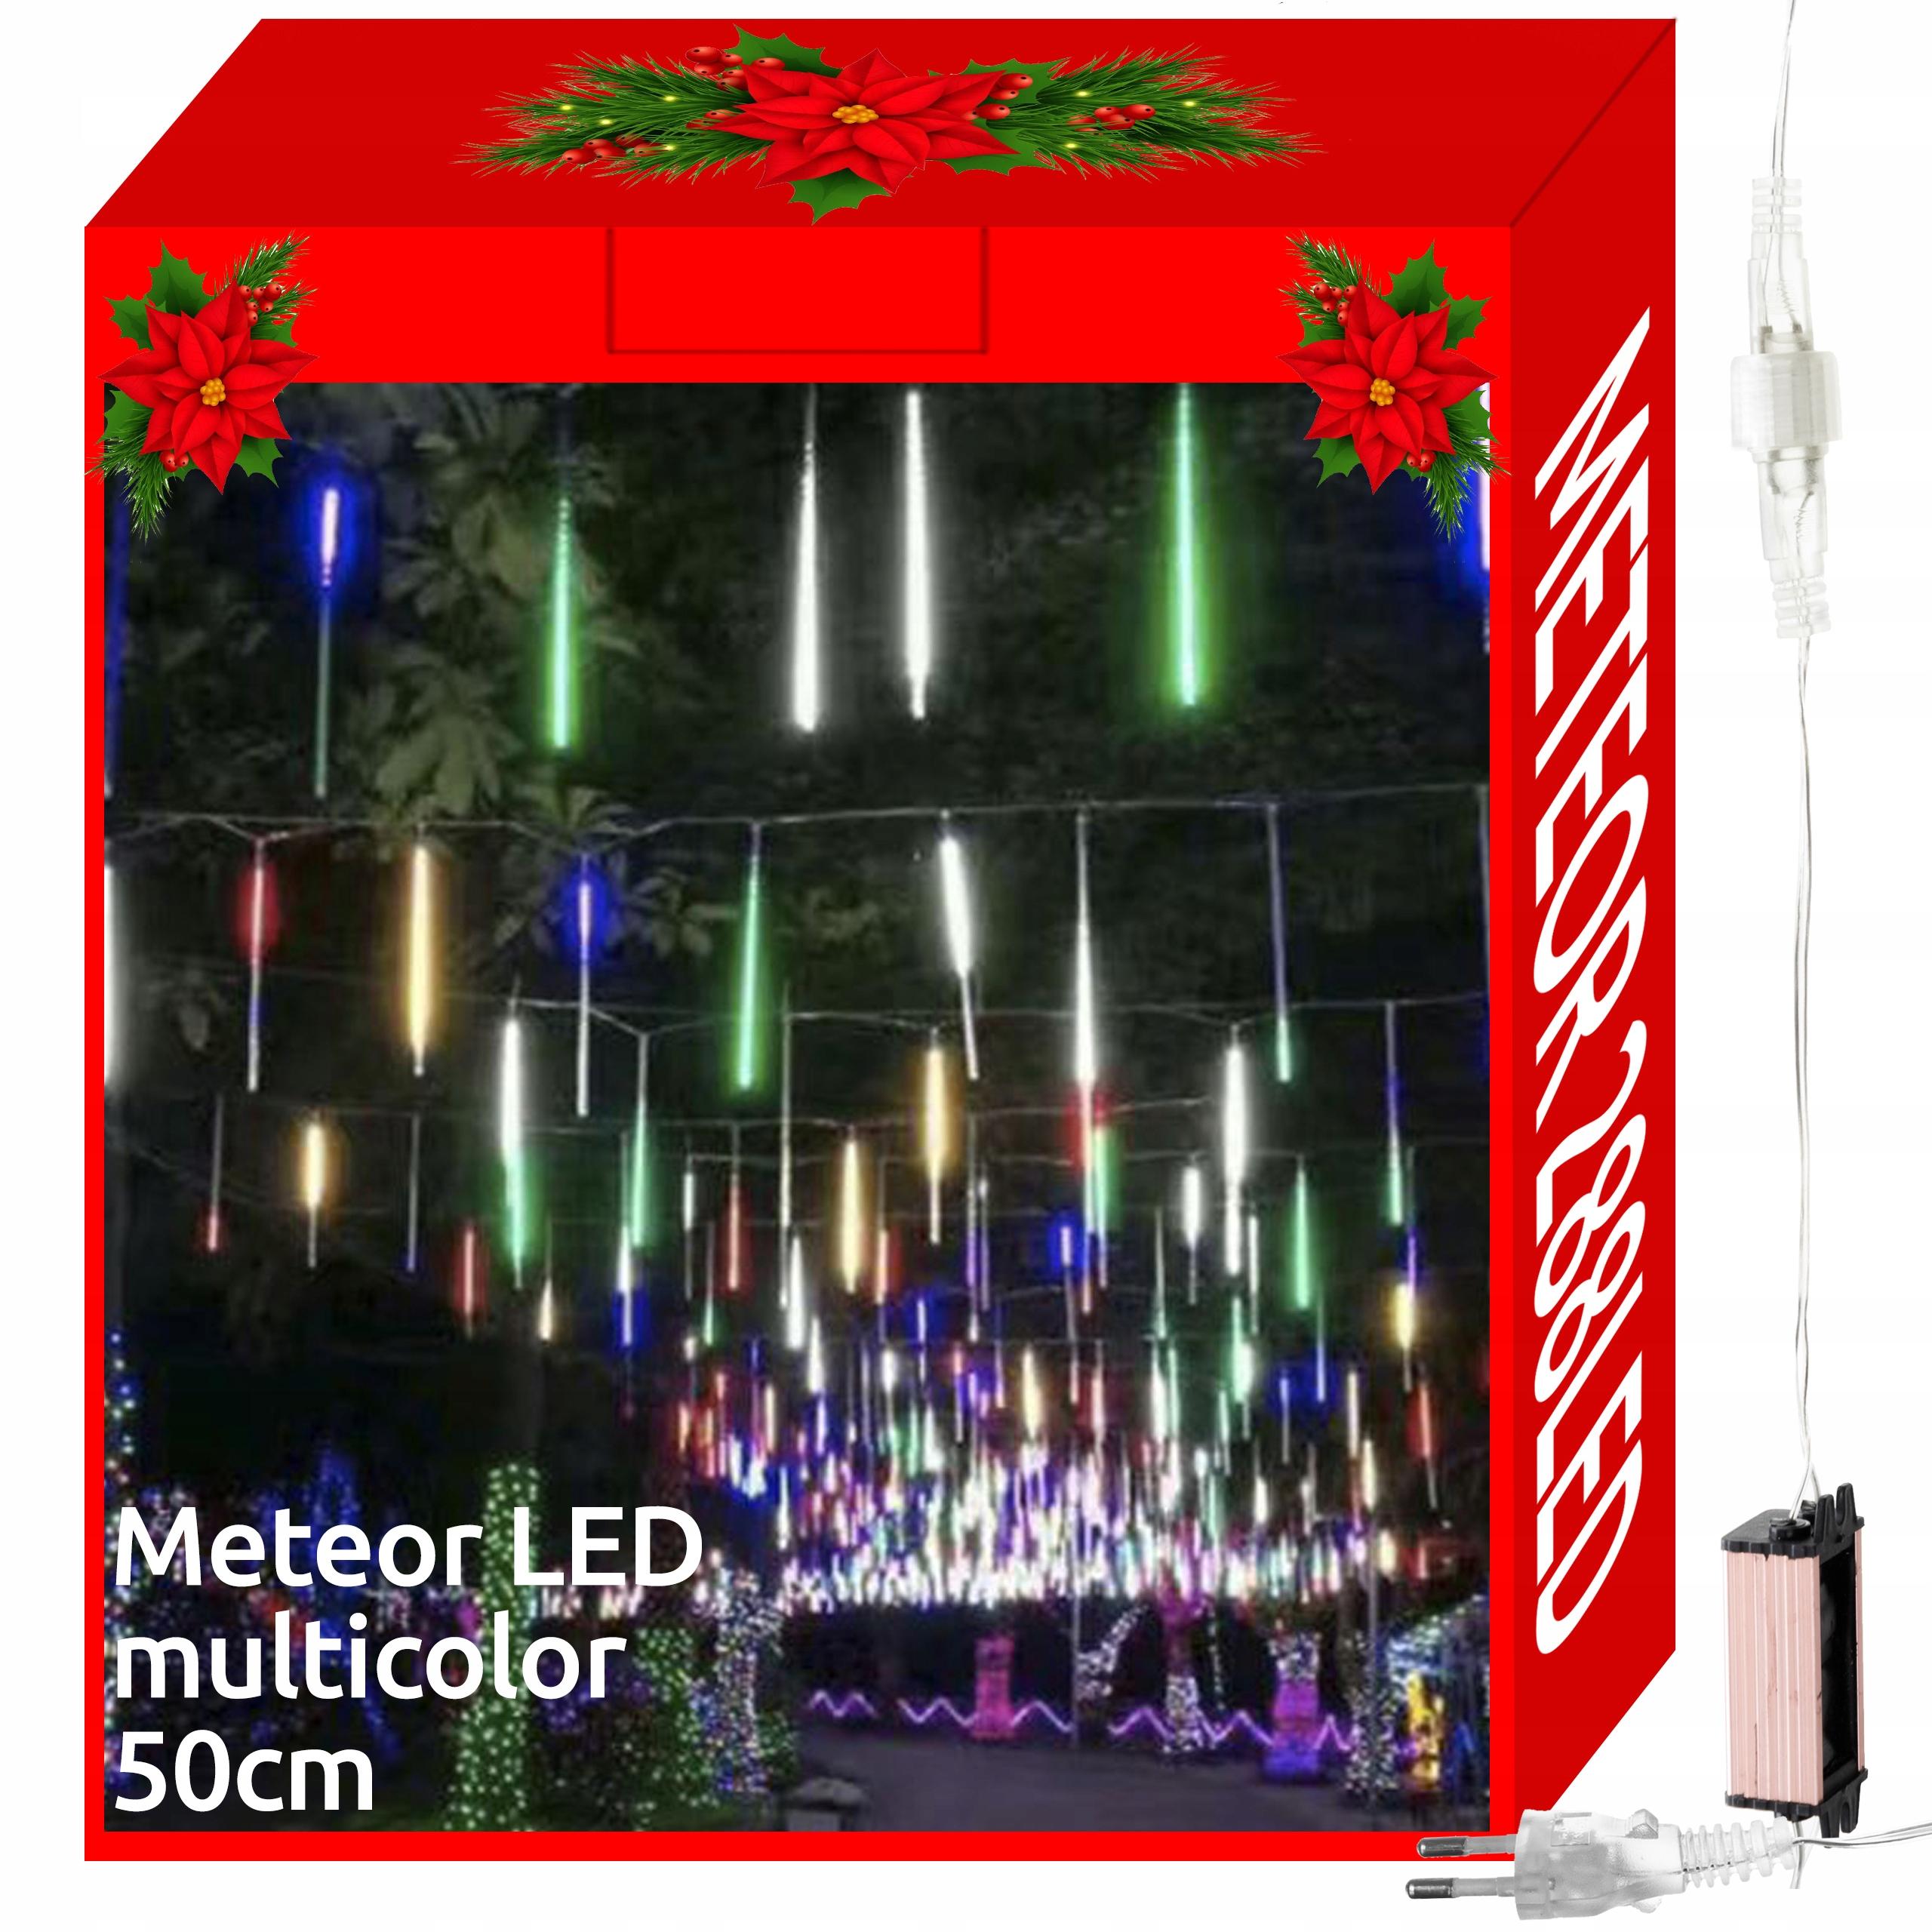 Sople Meteory Lampki Padający Śnieg 288LED 8x 50cm